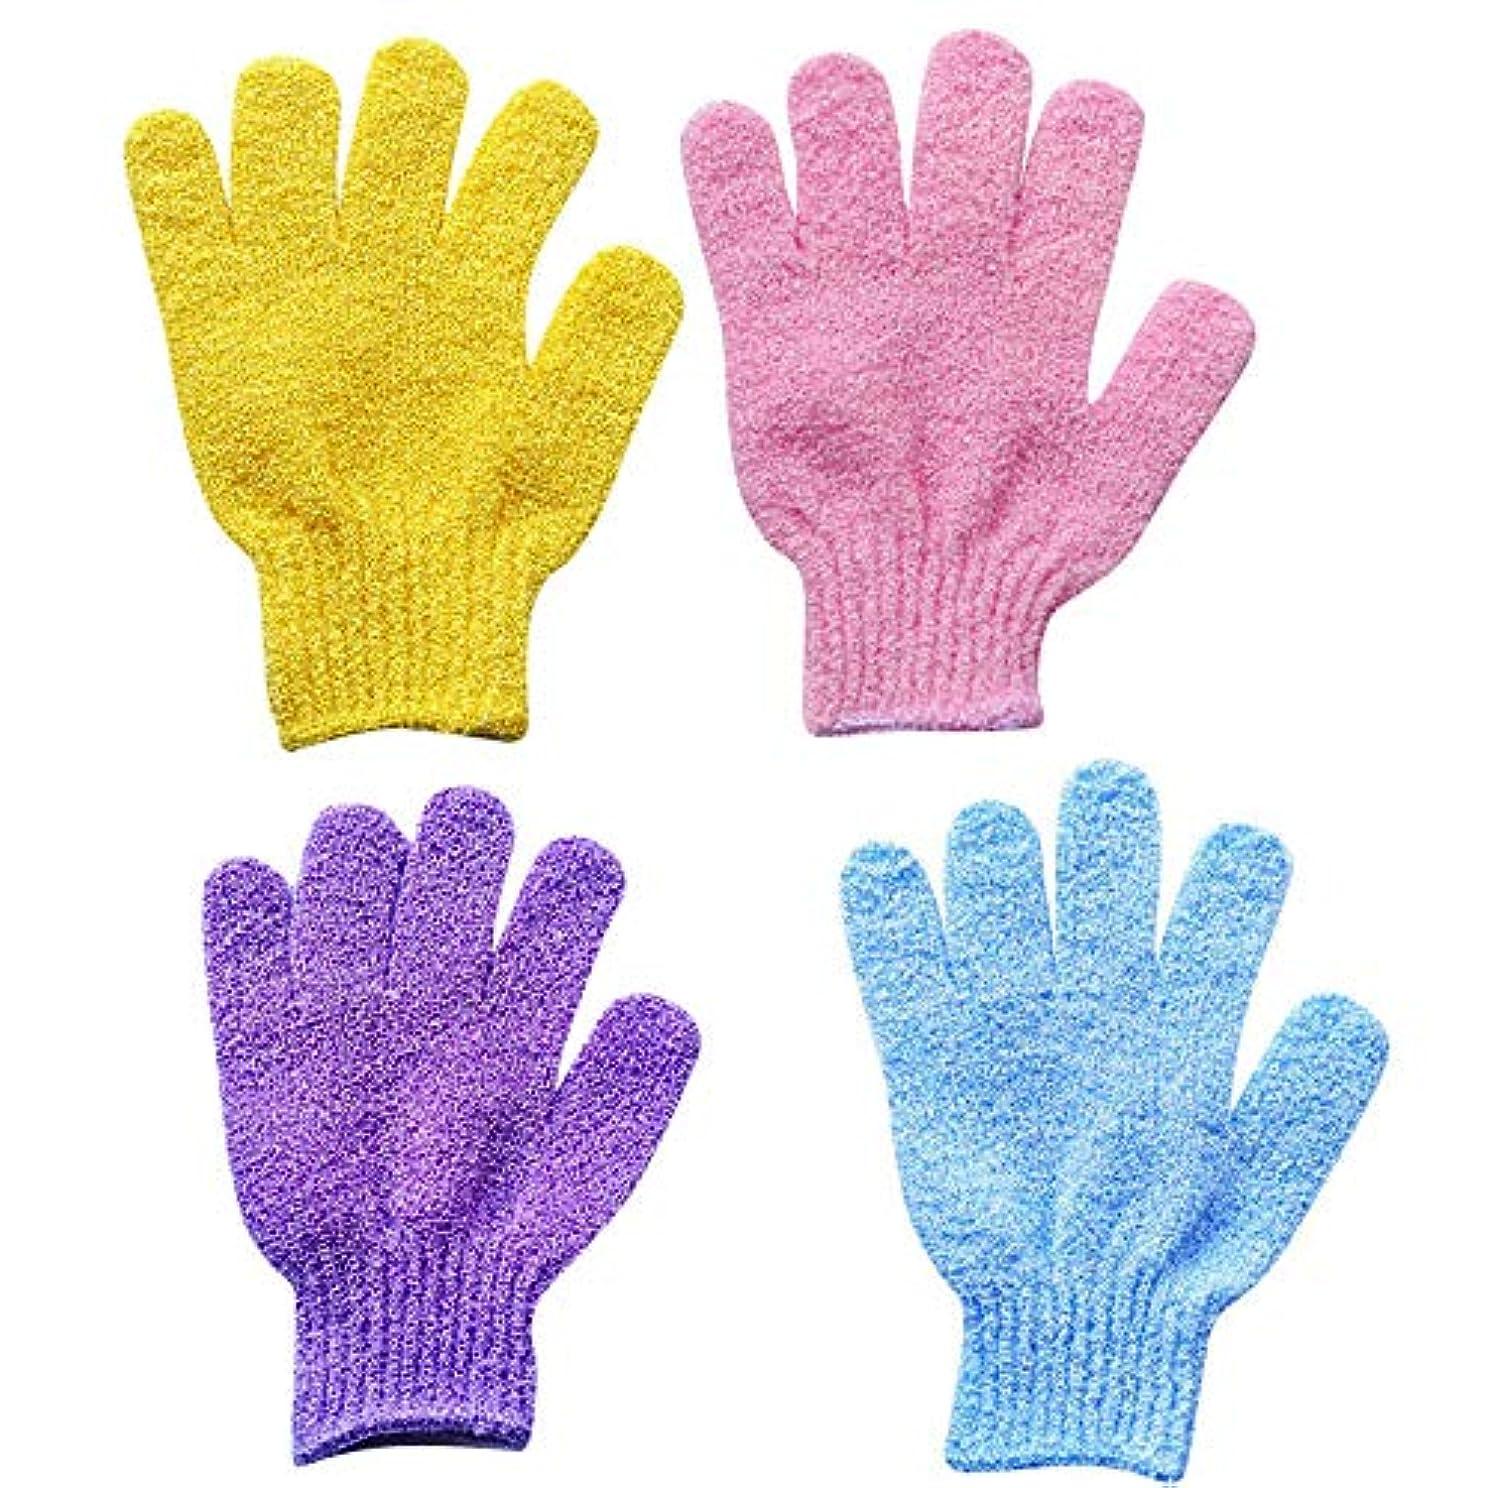 対話顔料申し立てLittleliving 浴用手袋 ボディタオル 入浴用品 バス用品 垢すり手袋 五本指 毛穴清潔 角質除去 8枚セット